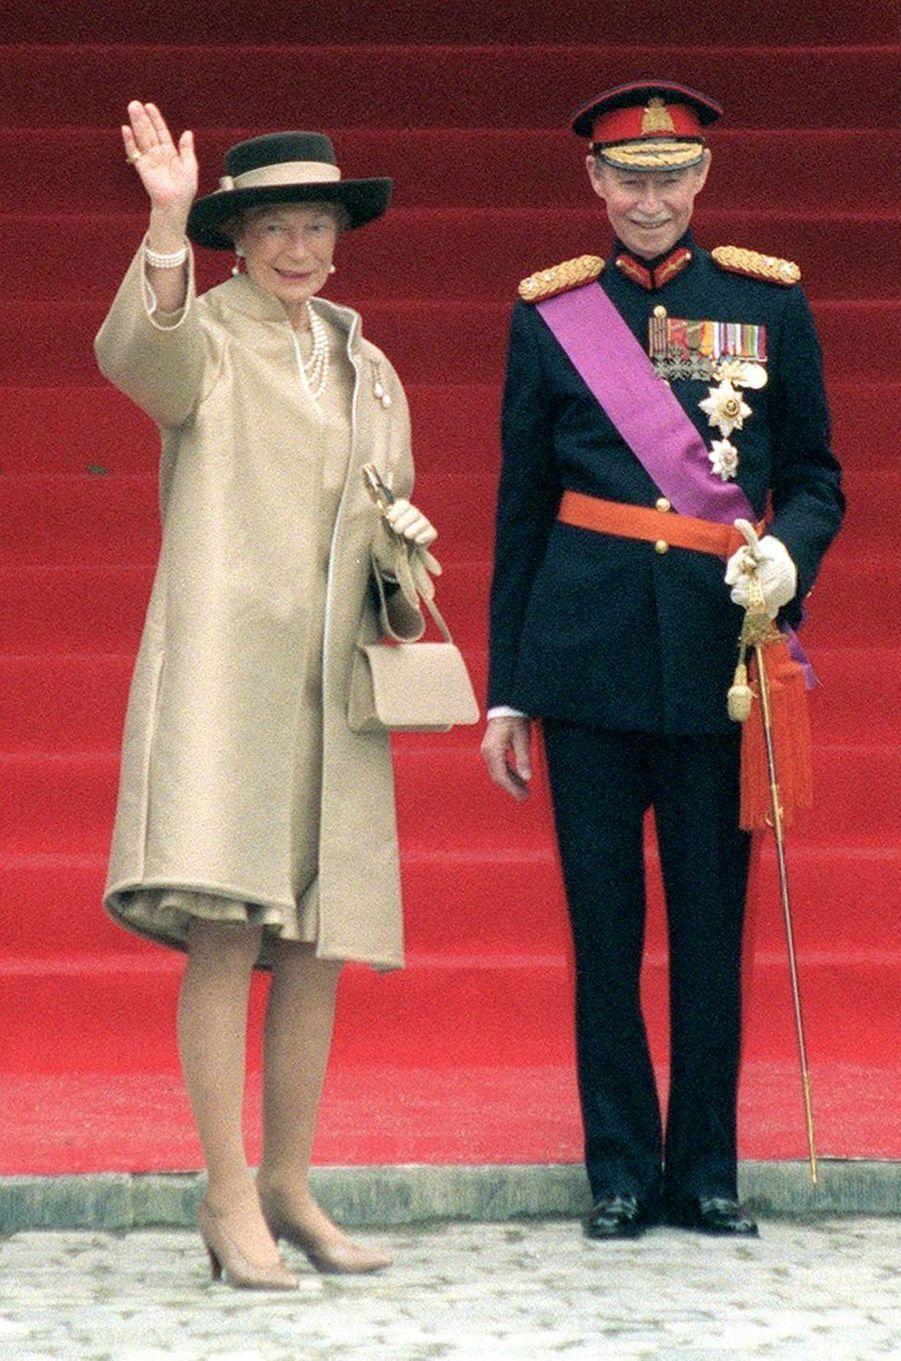 Le grand-duc Jean de Luxembourg avec sa femme la grande-duchesse Joséphine-Charlotte, le 4 décembre 1999